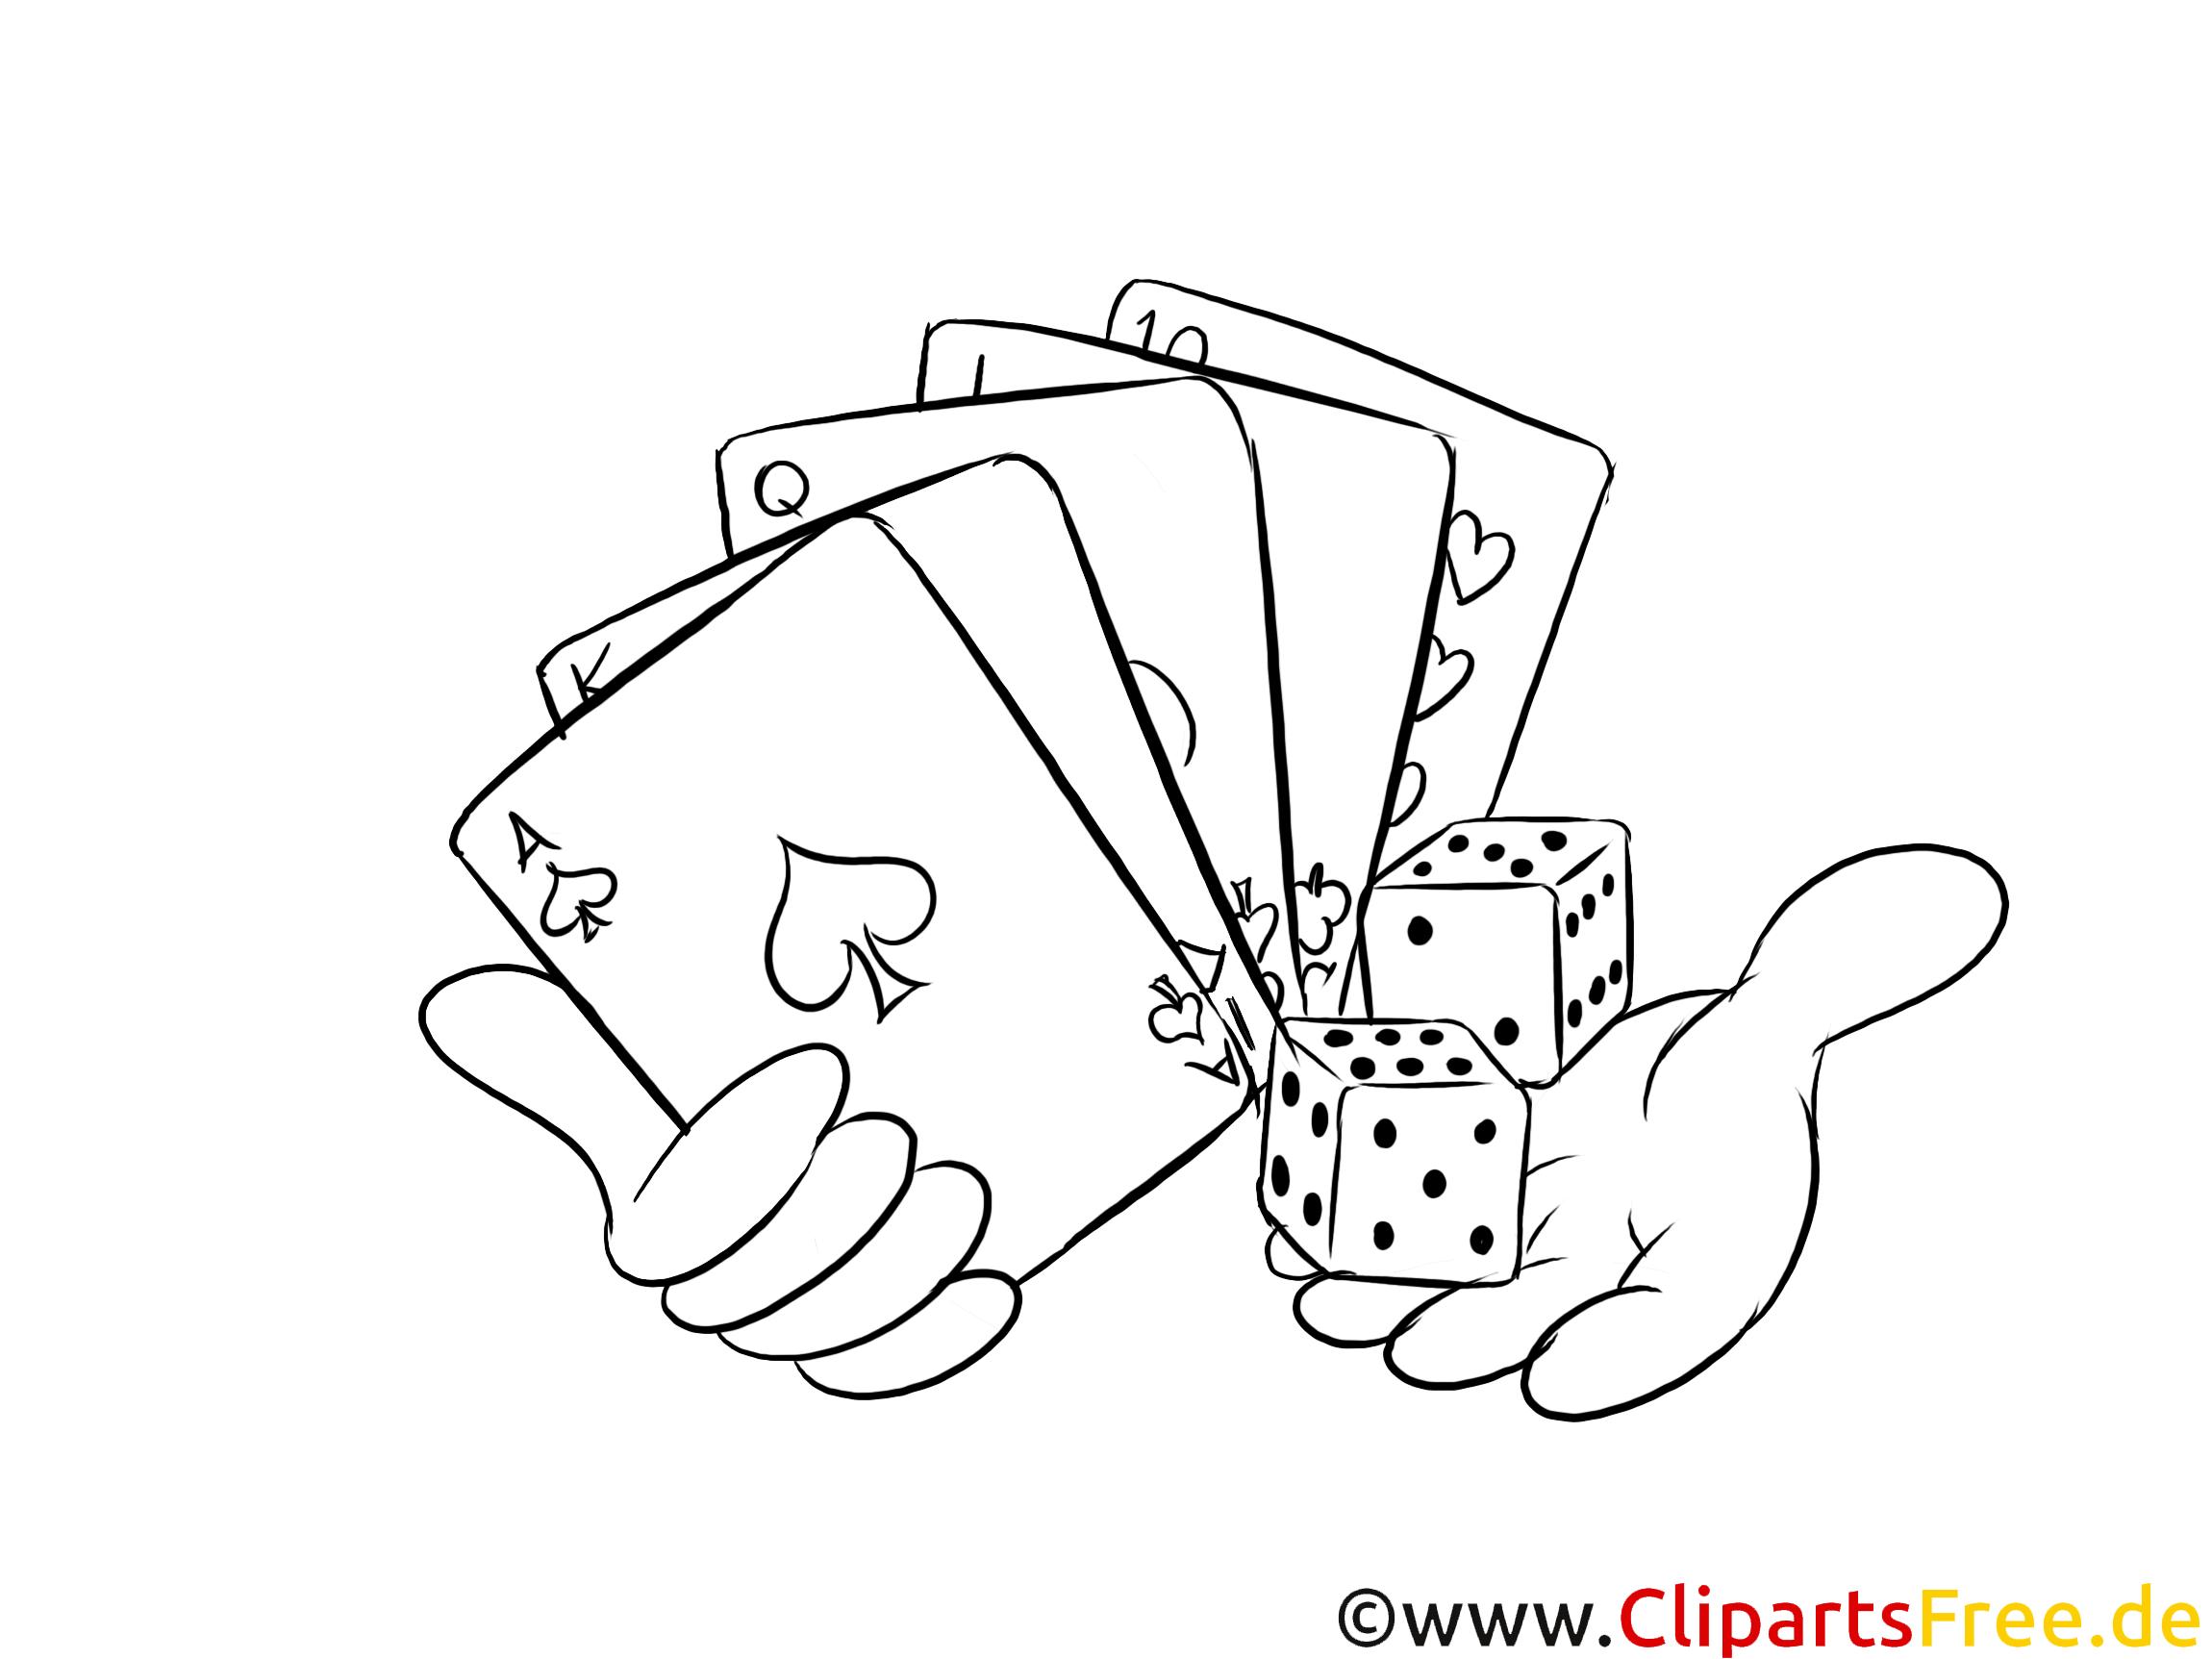 fokus spielkarten  casino bilder zum ausmalen